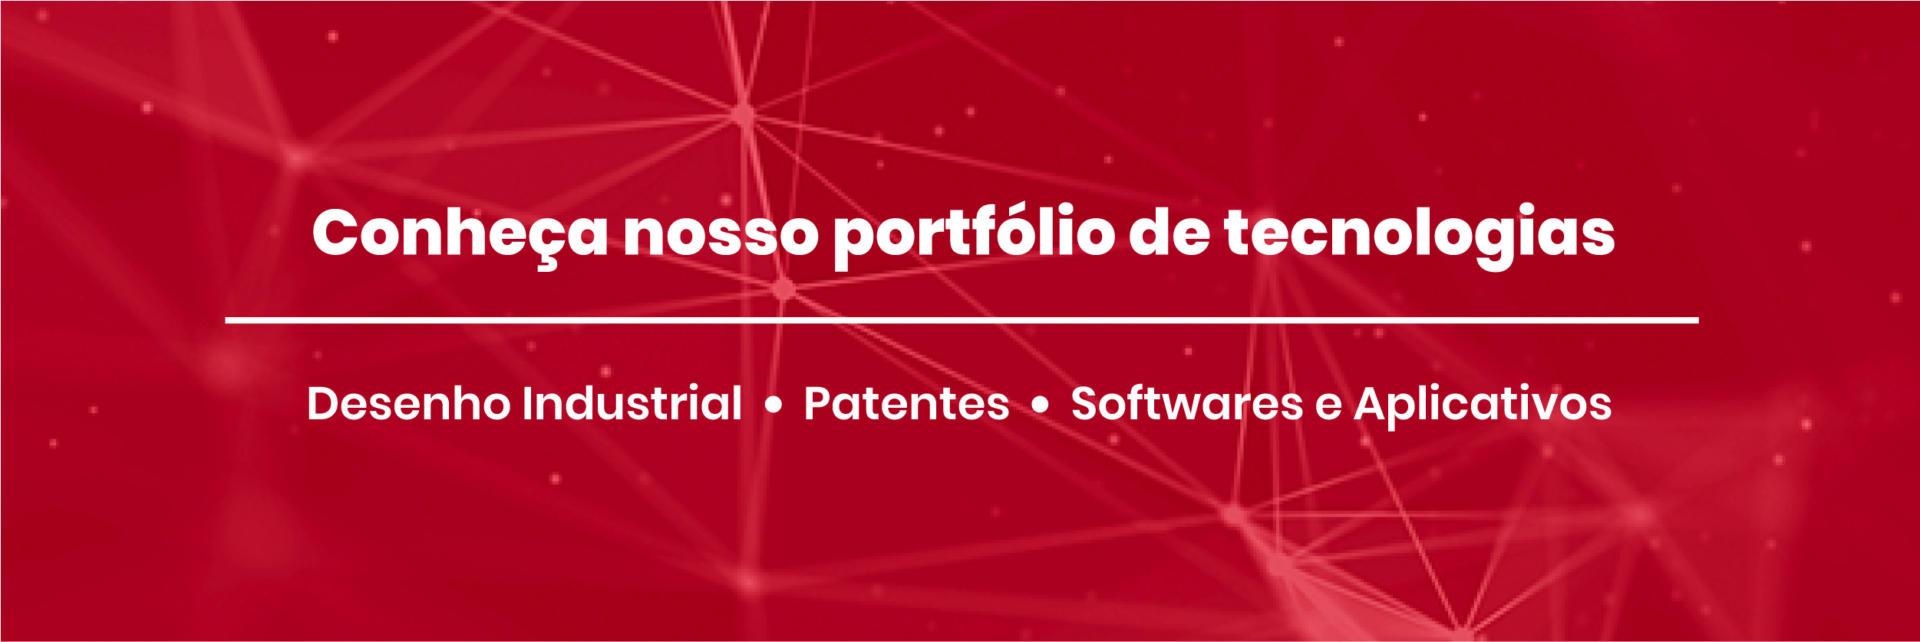 Conheça nosso portfólio de tecnologias. Desenho Industrial, Patentes e Softwares e Aplicativos.